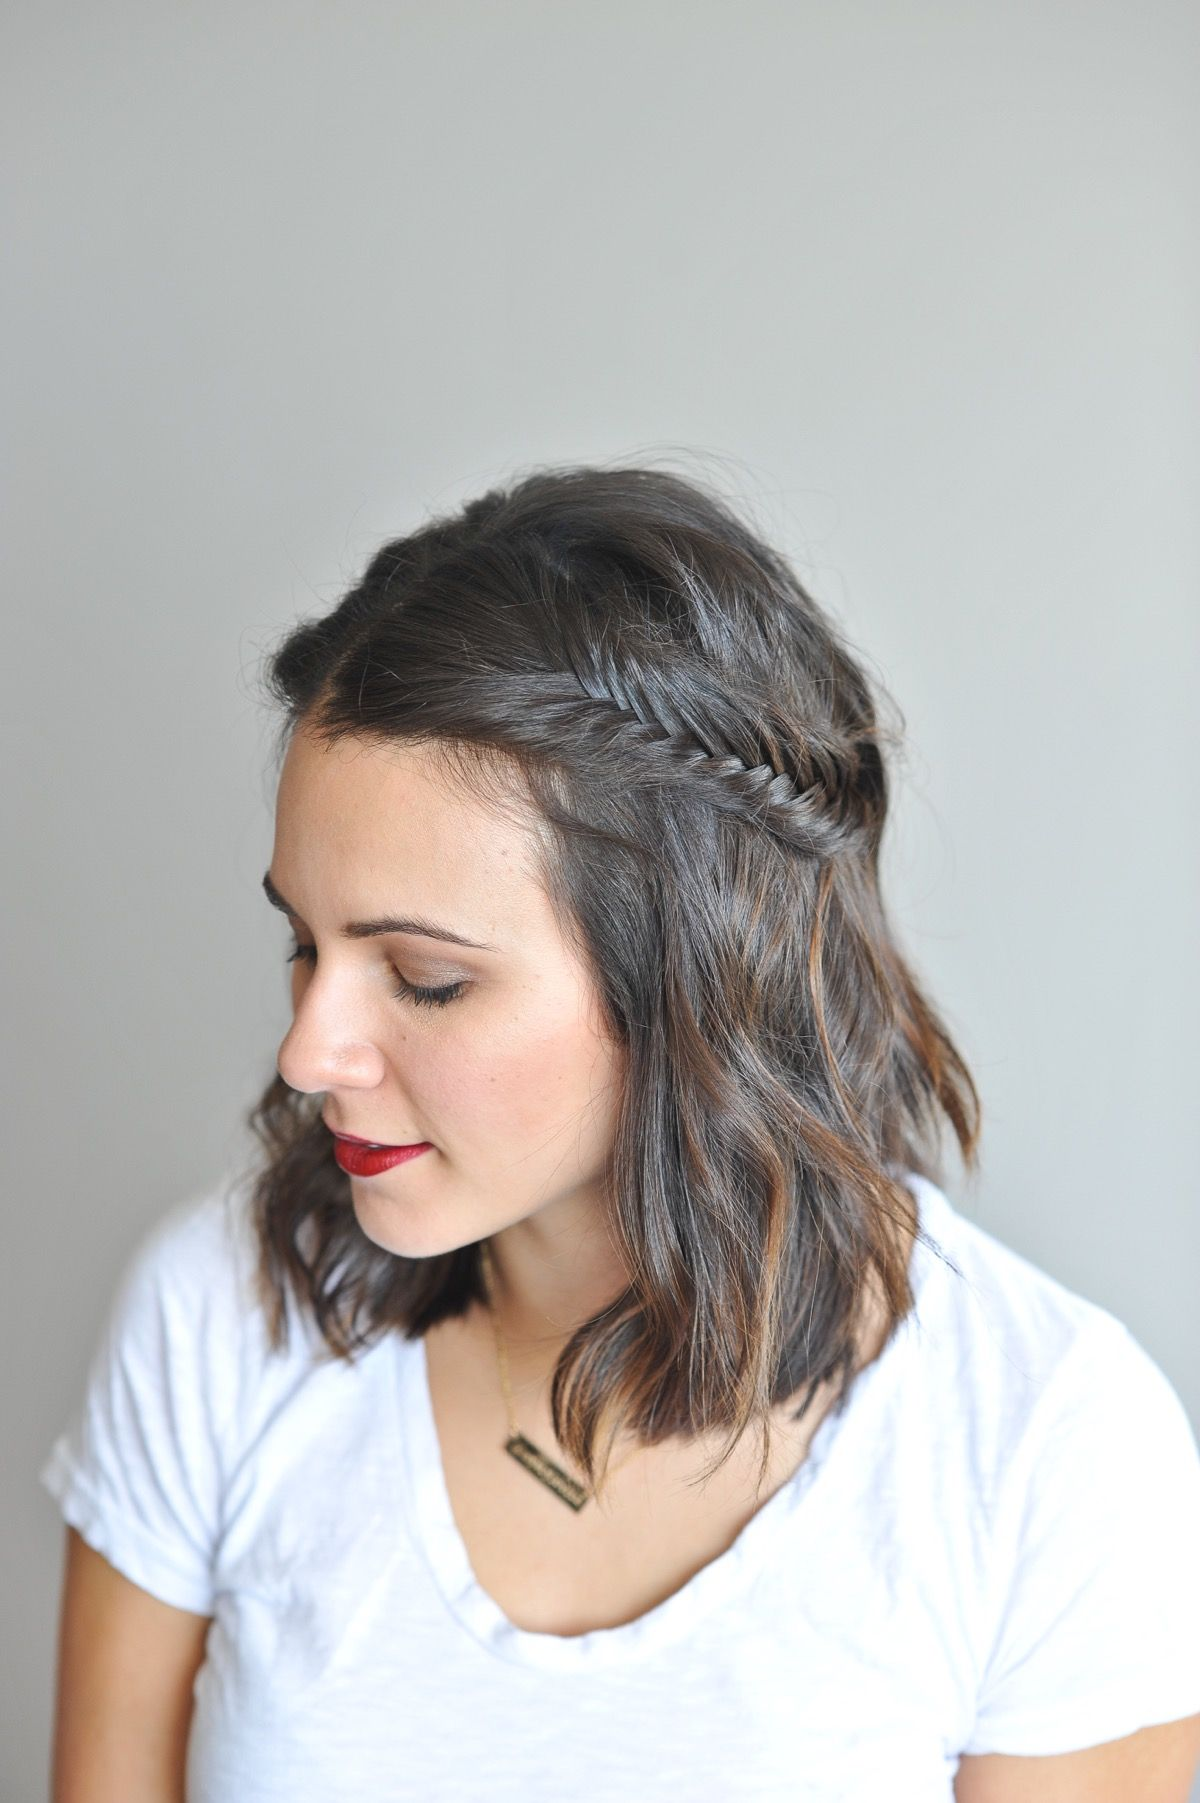 Fishtail Braid Tutorial For Short Hair Braids For Short Hair Fishtail Braid Hairstyles Braided Hairstyles